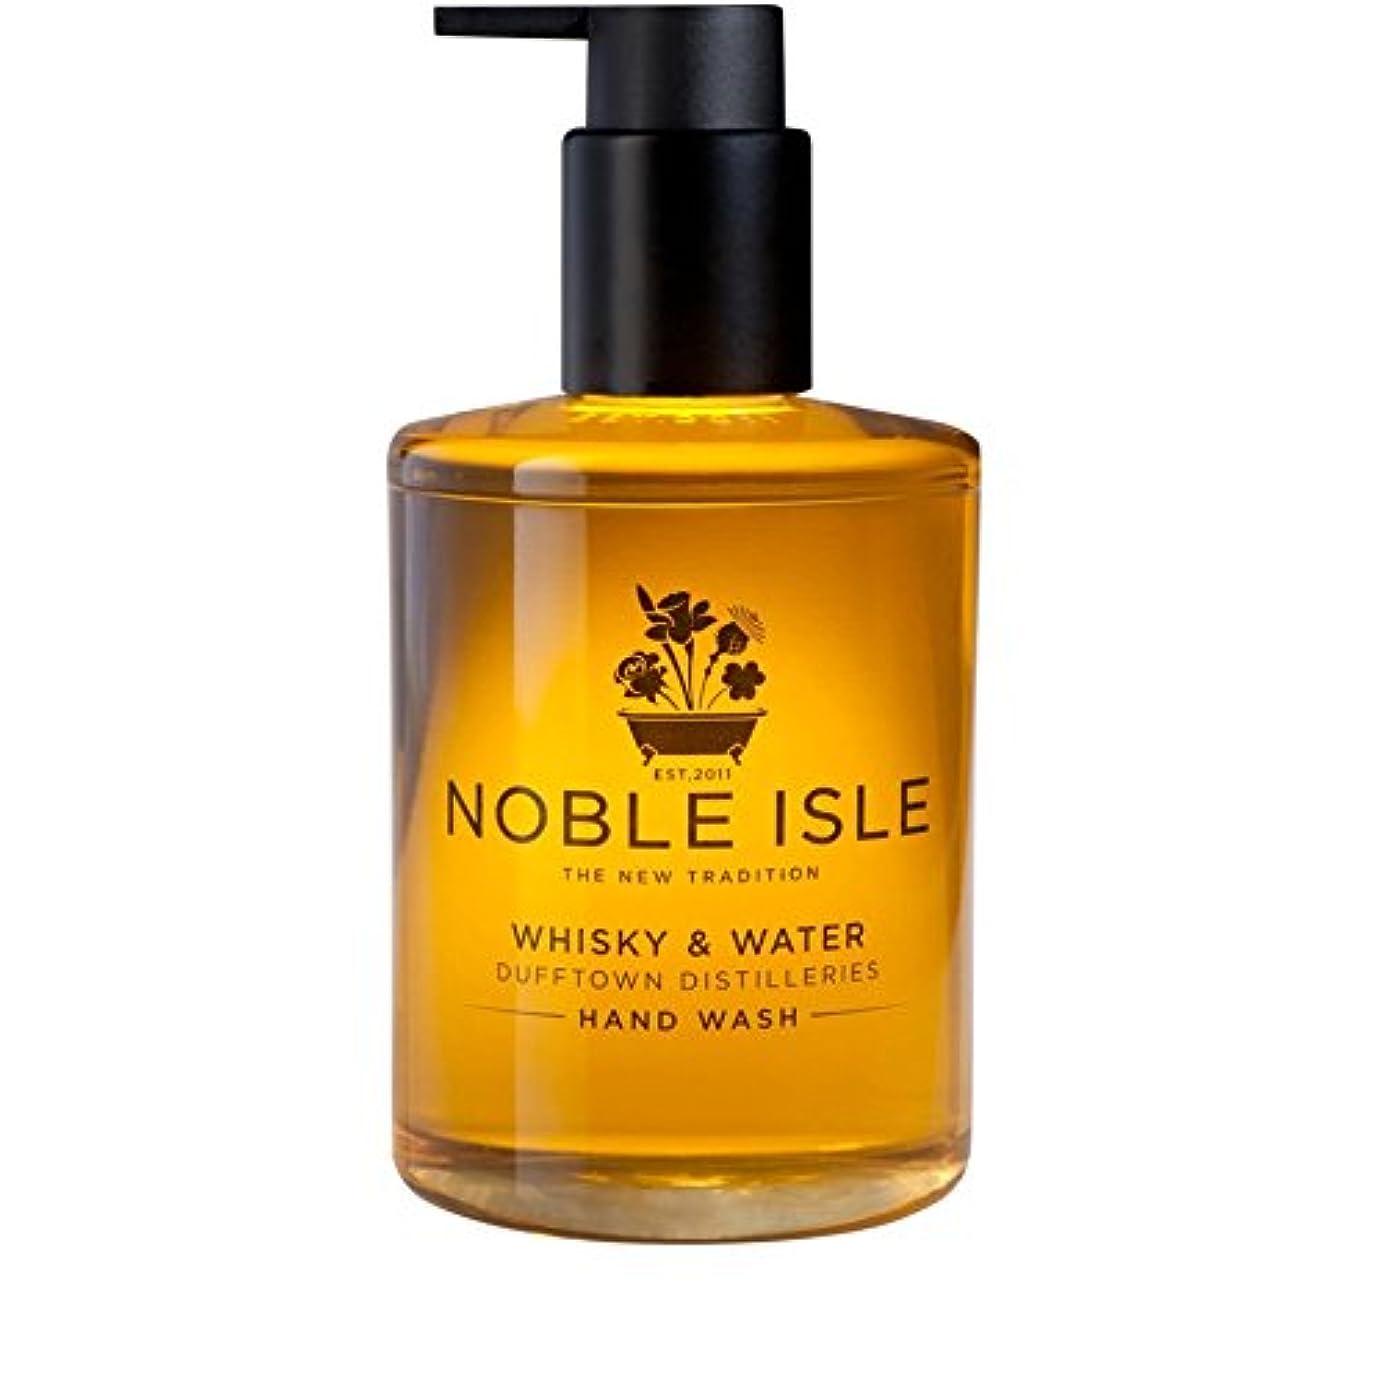 メンタリティウガンダ弾薬Noble Isle Whisky and Water Dufftown Distilleries Hand Wash 250ml - 高貴な島の水割りの蒸留所のハンドウォッシュ250ミリリットル [並行輸入品]